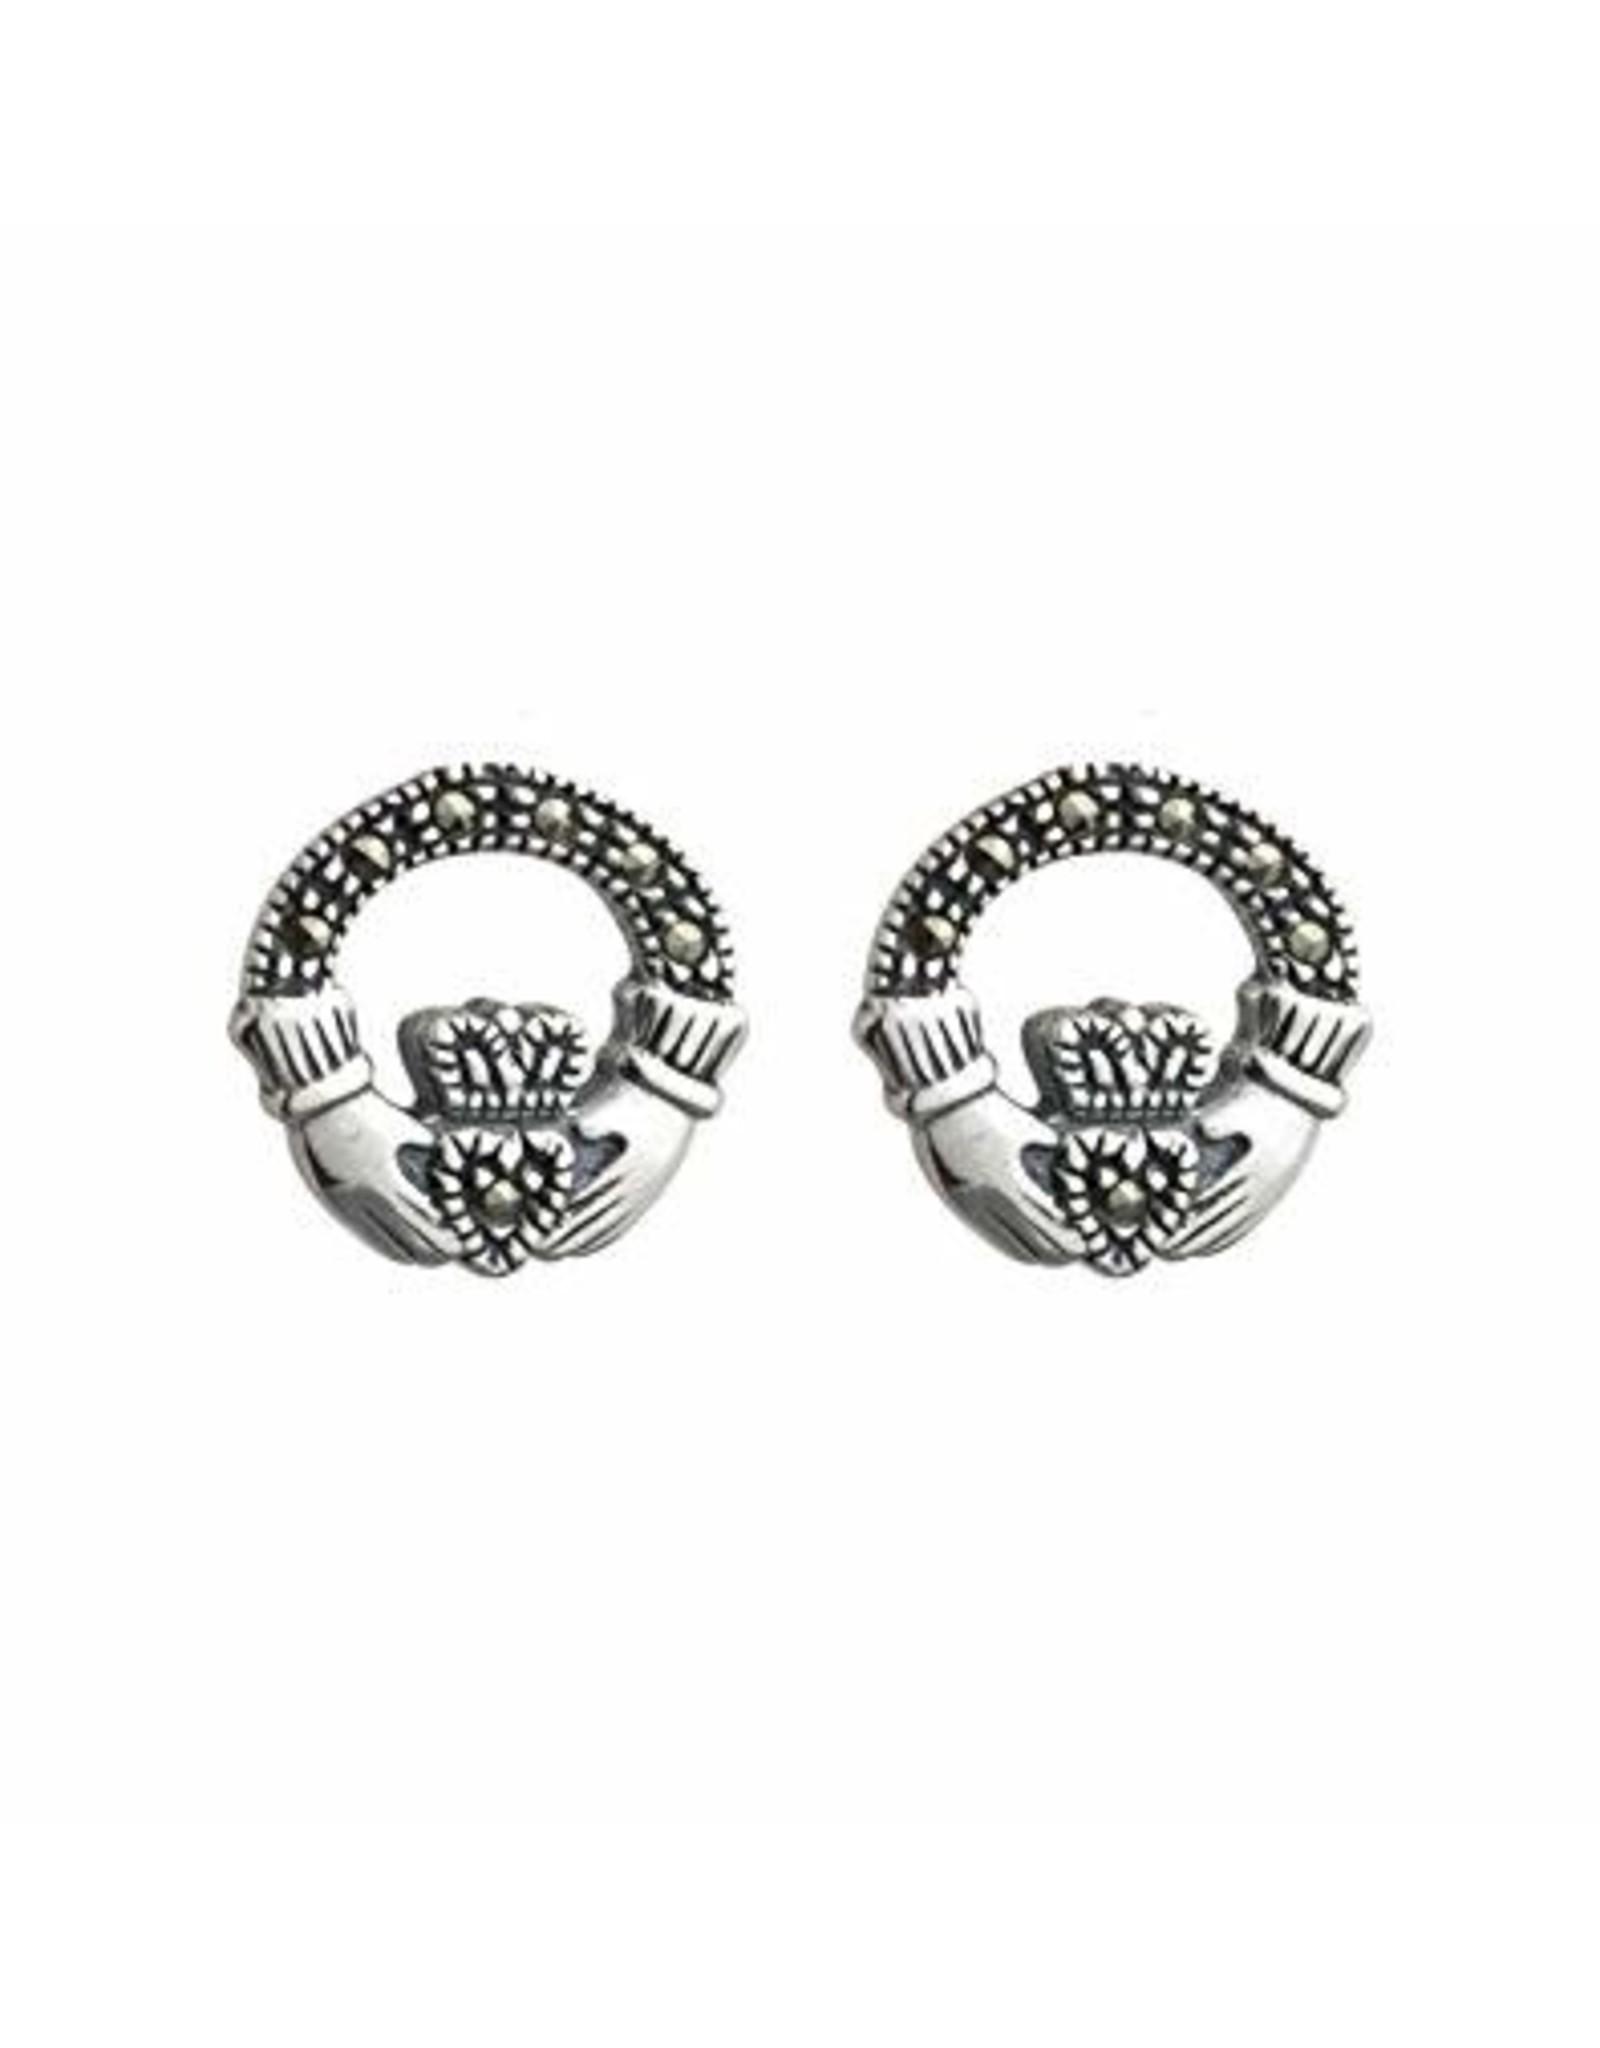 Solvar Silver Marcasite Claddagh Earrings